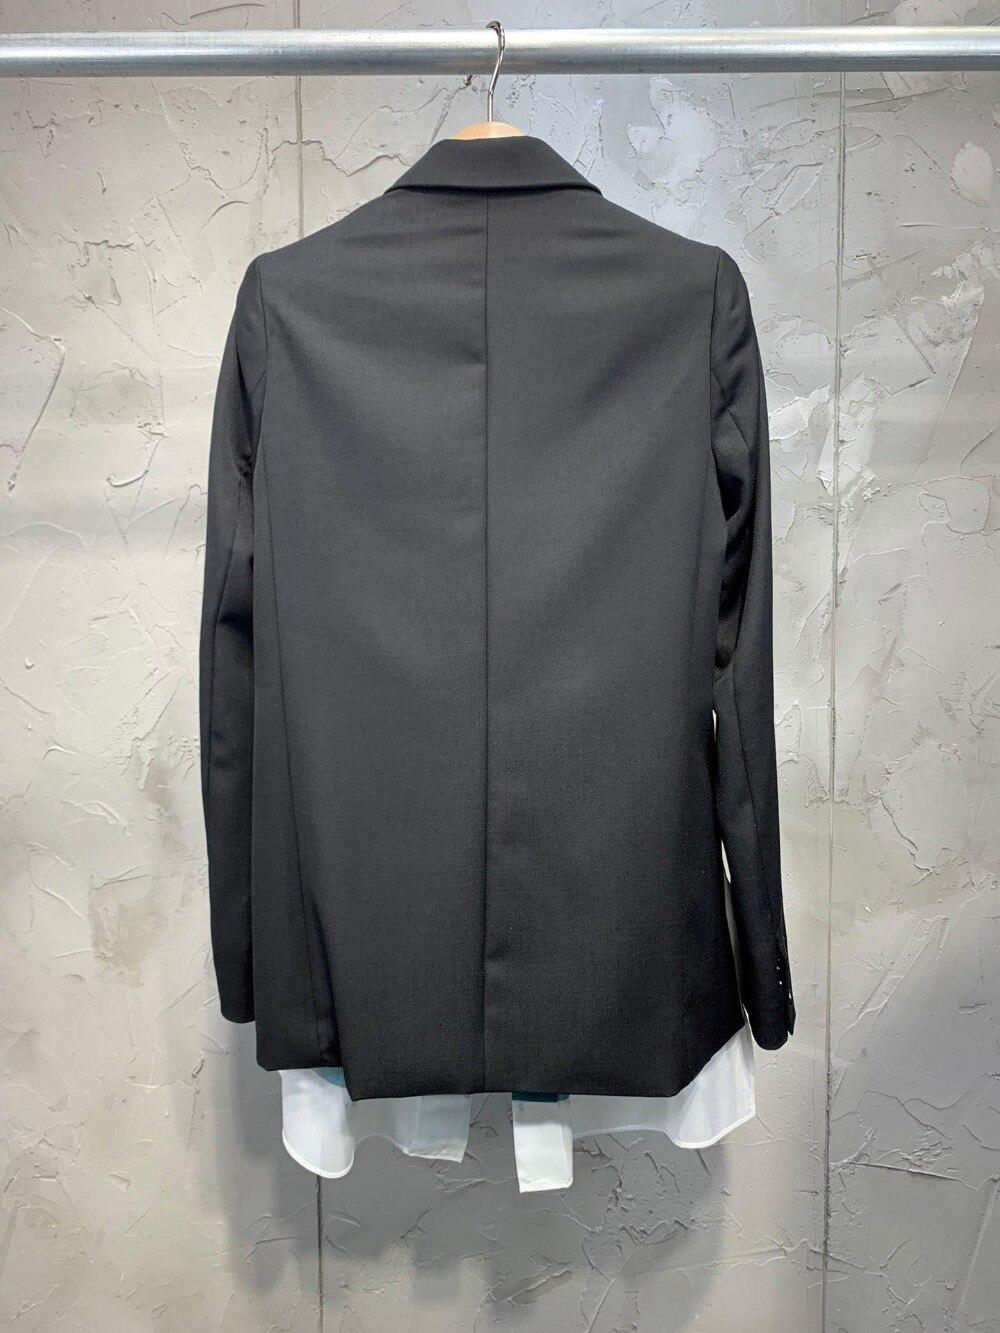 Patchwork 21 2019 Nouvelles Blazer Ddxgz3v Femmes Manteau Laine 2 E44UPxq